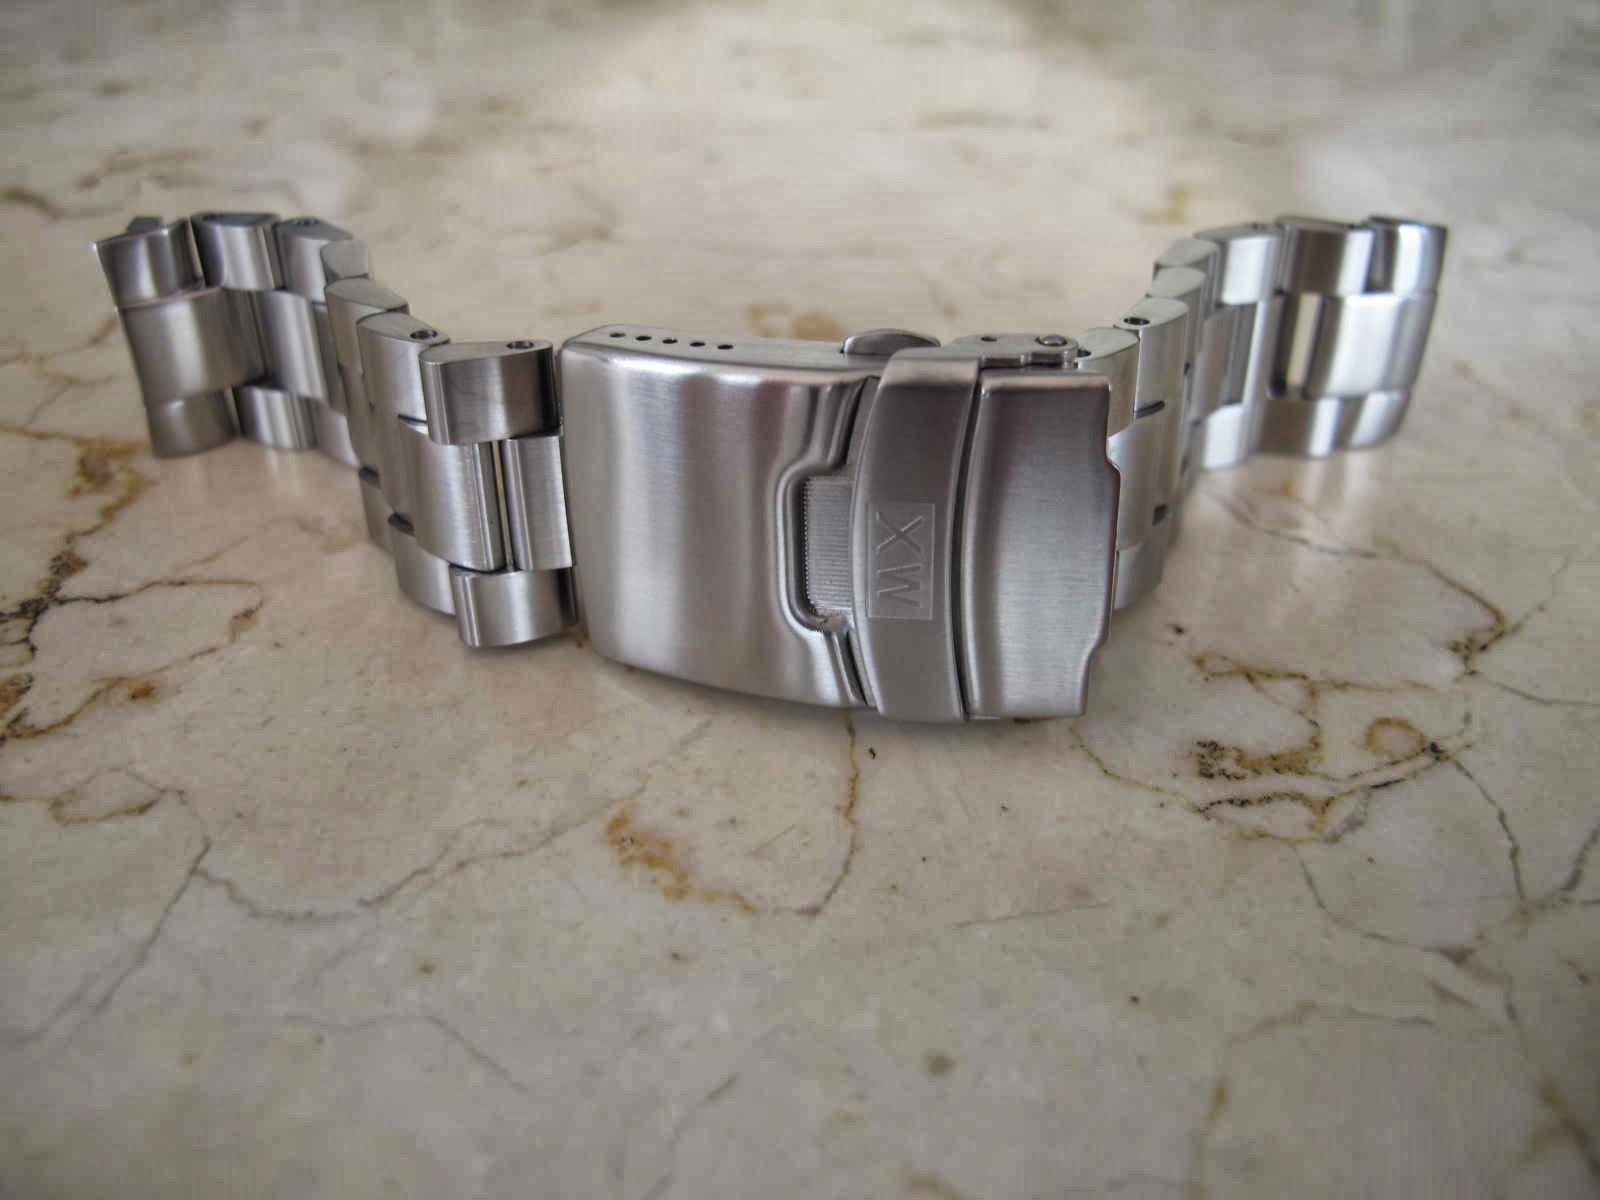 Cocok untuk jam tangan Seiko DIver 6309 7040 Anda yang barangkali bosan memakai rubber strap atau tali kulit